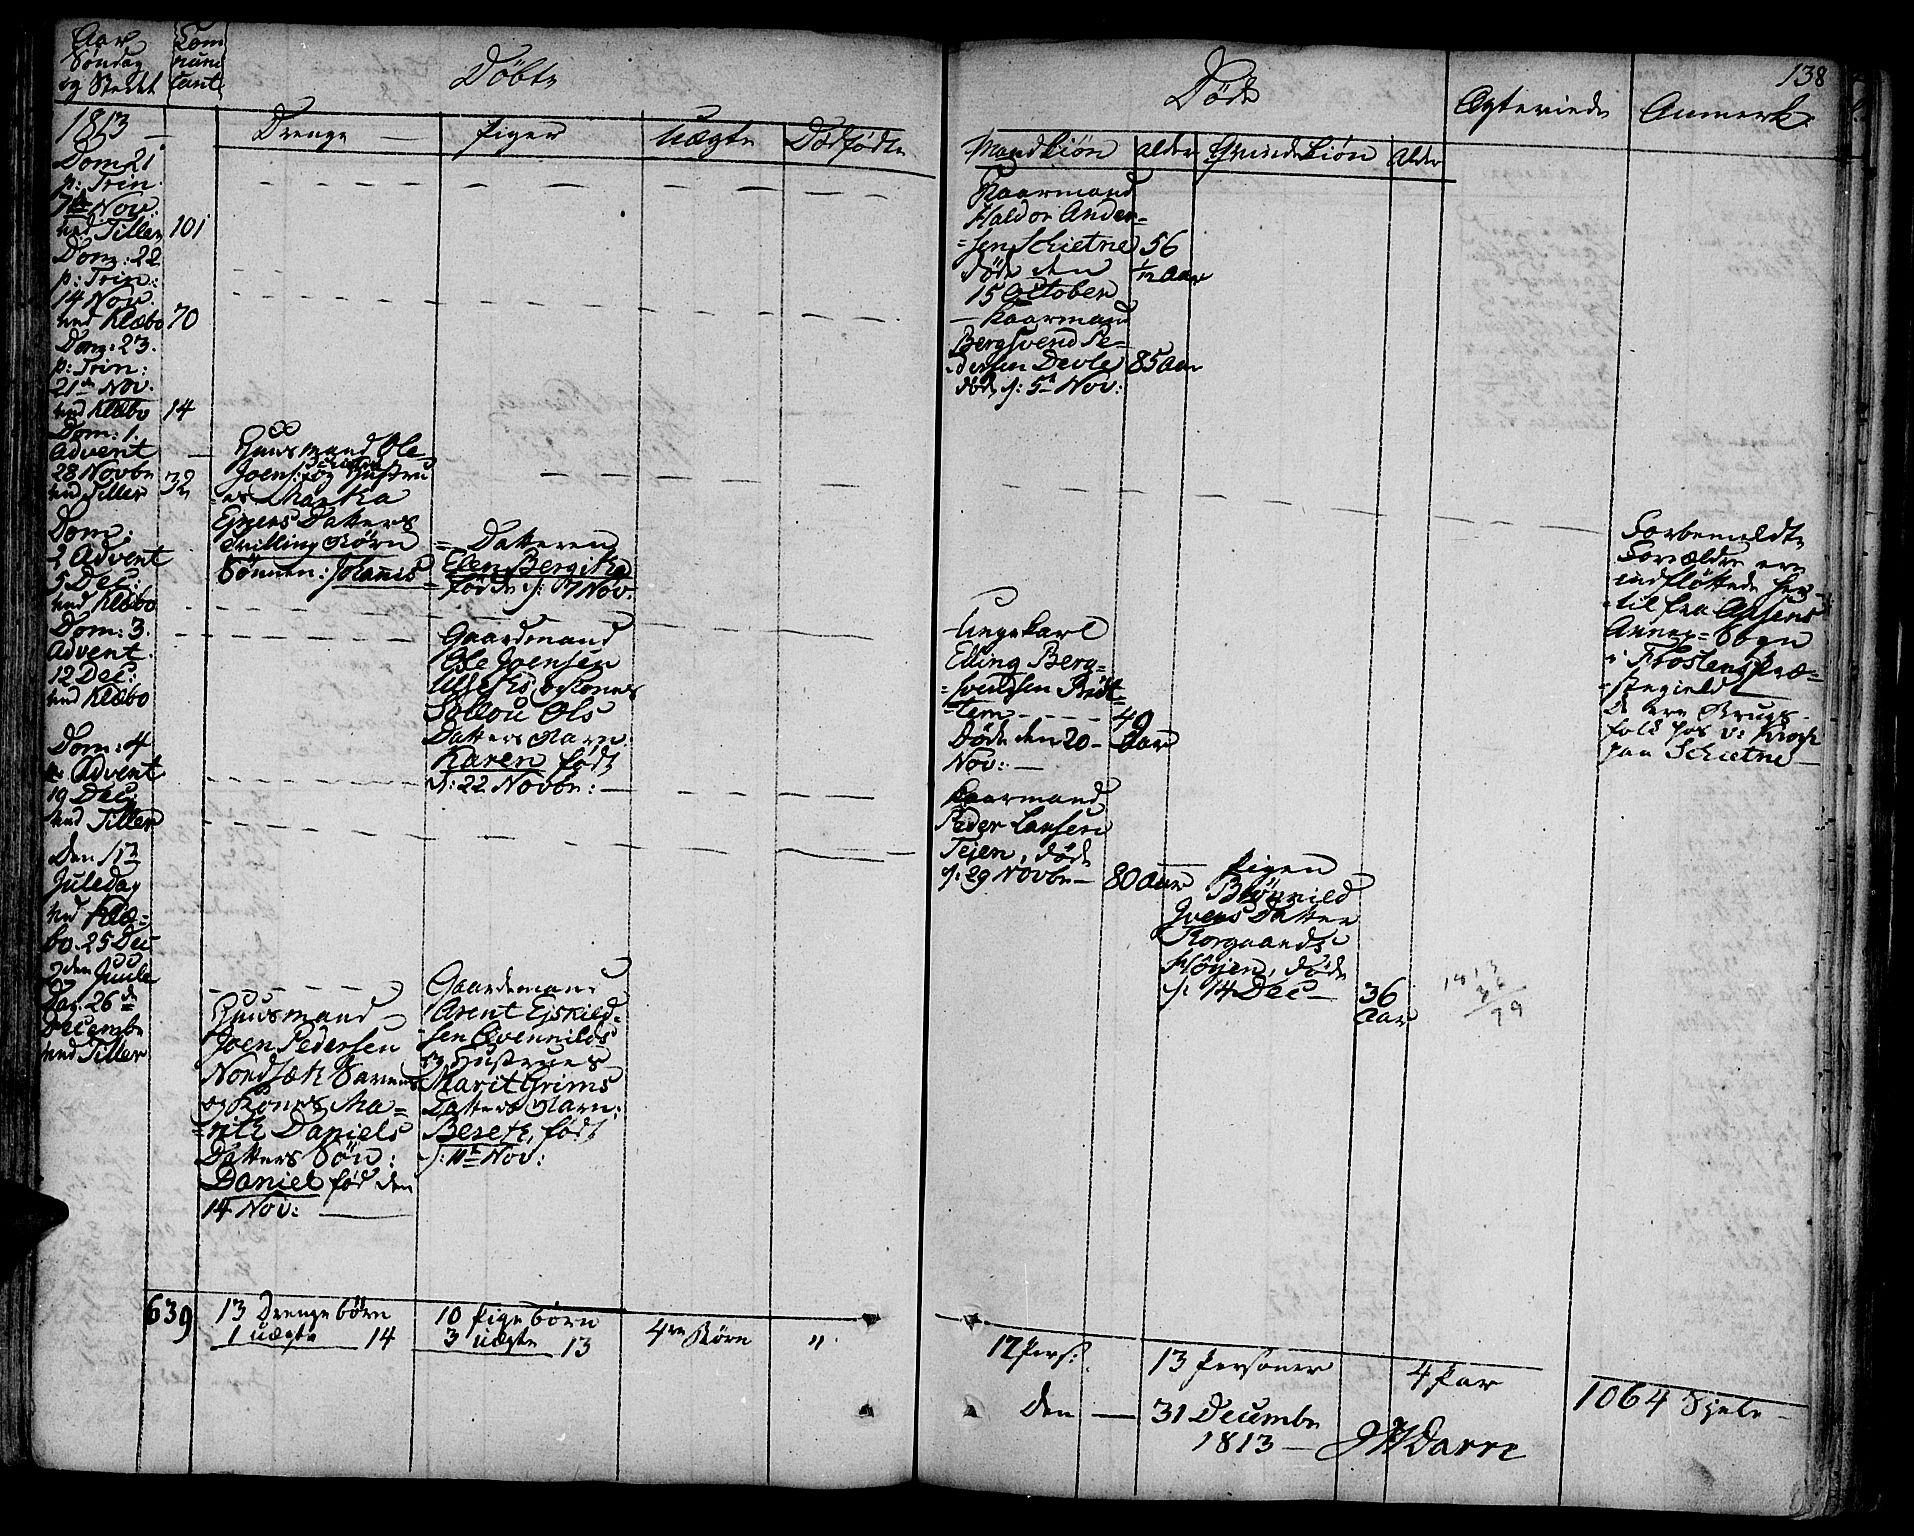 SAT, Ministerialprotokoller, klokkerbøker og fødselsregistre - Sør-Trøndelag, 618/L0438: Ministerialbok nr. 618A03, 1783-1815, s. 138